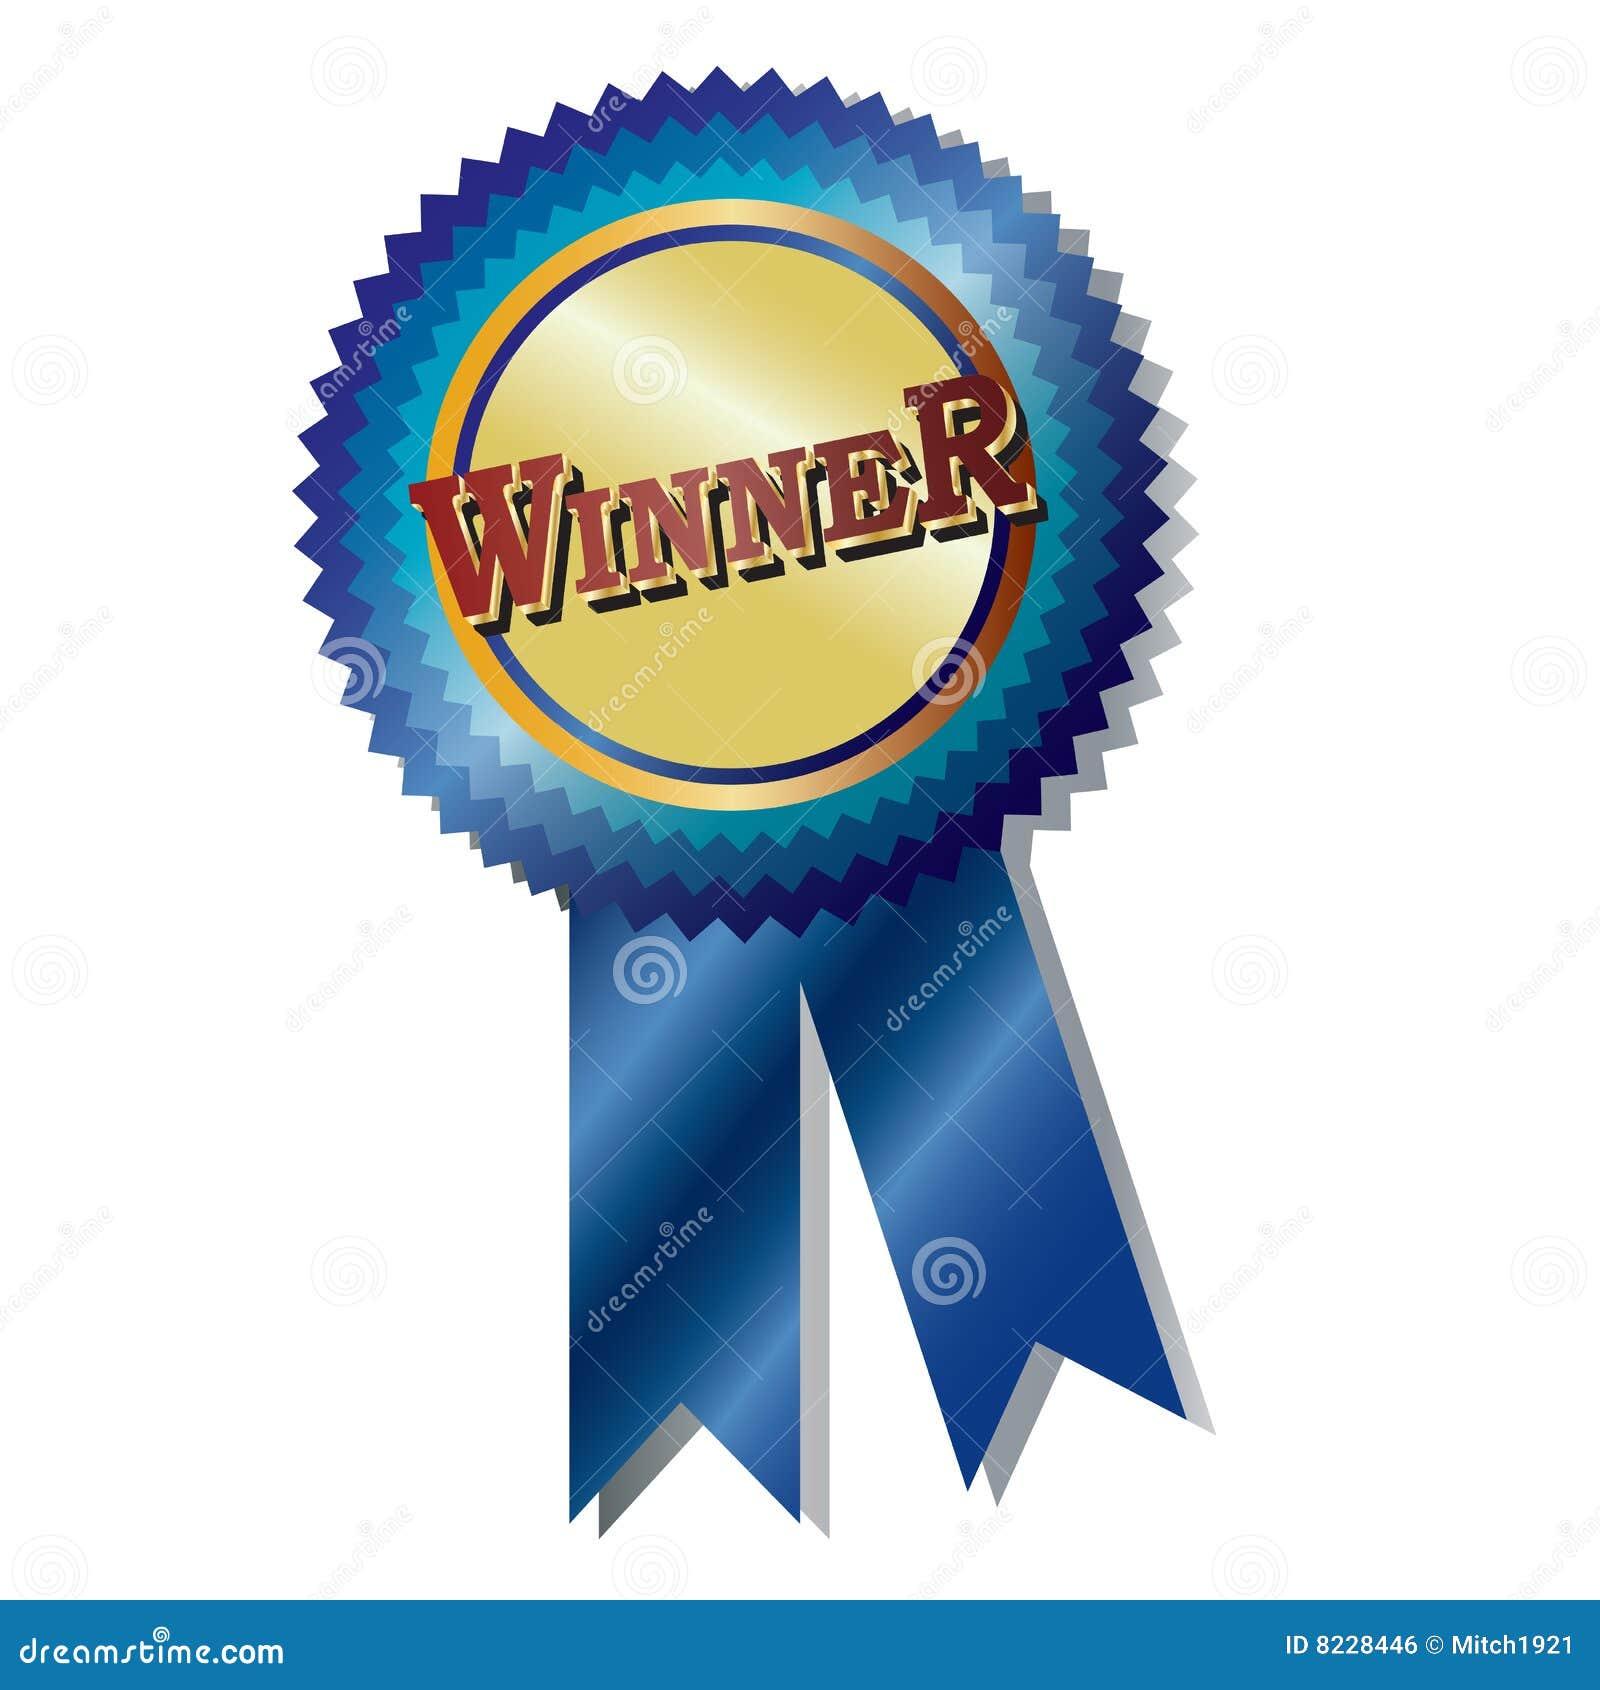 Winner badge stock illustration. Illustration of golden ...